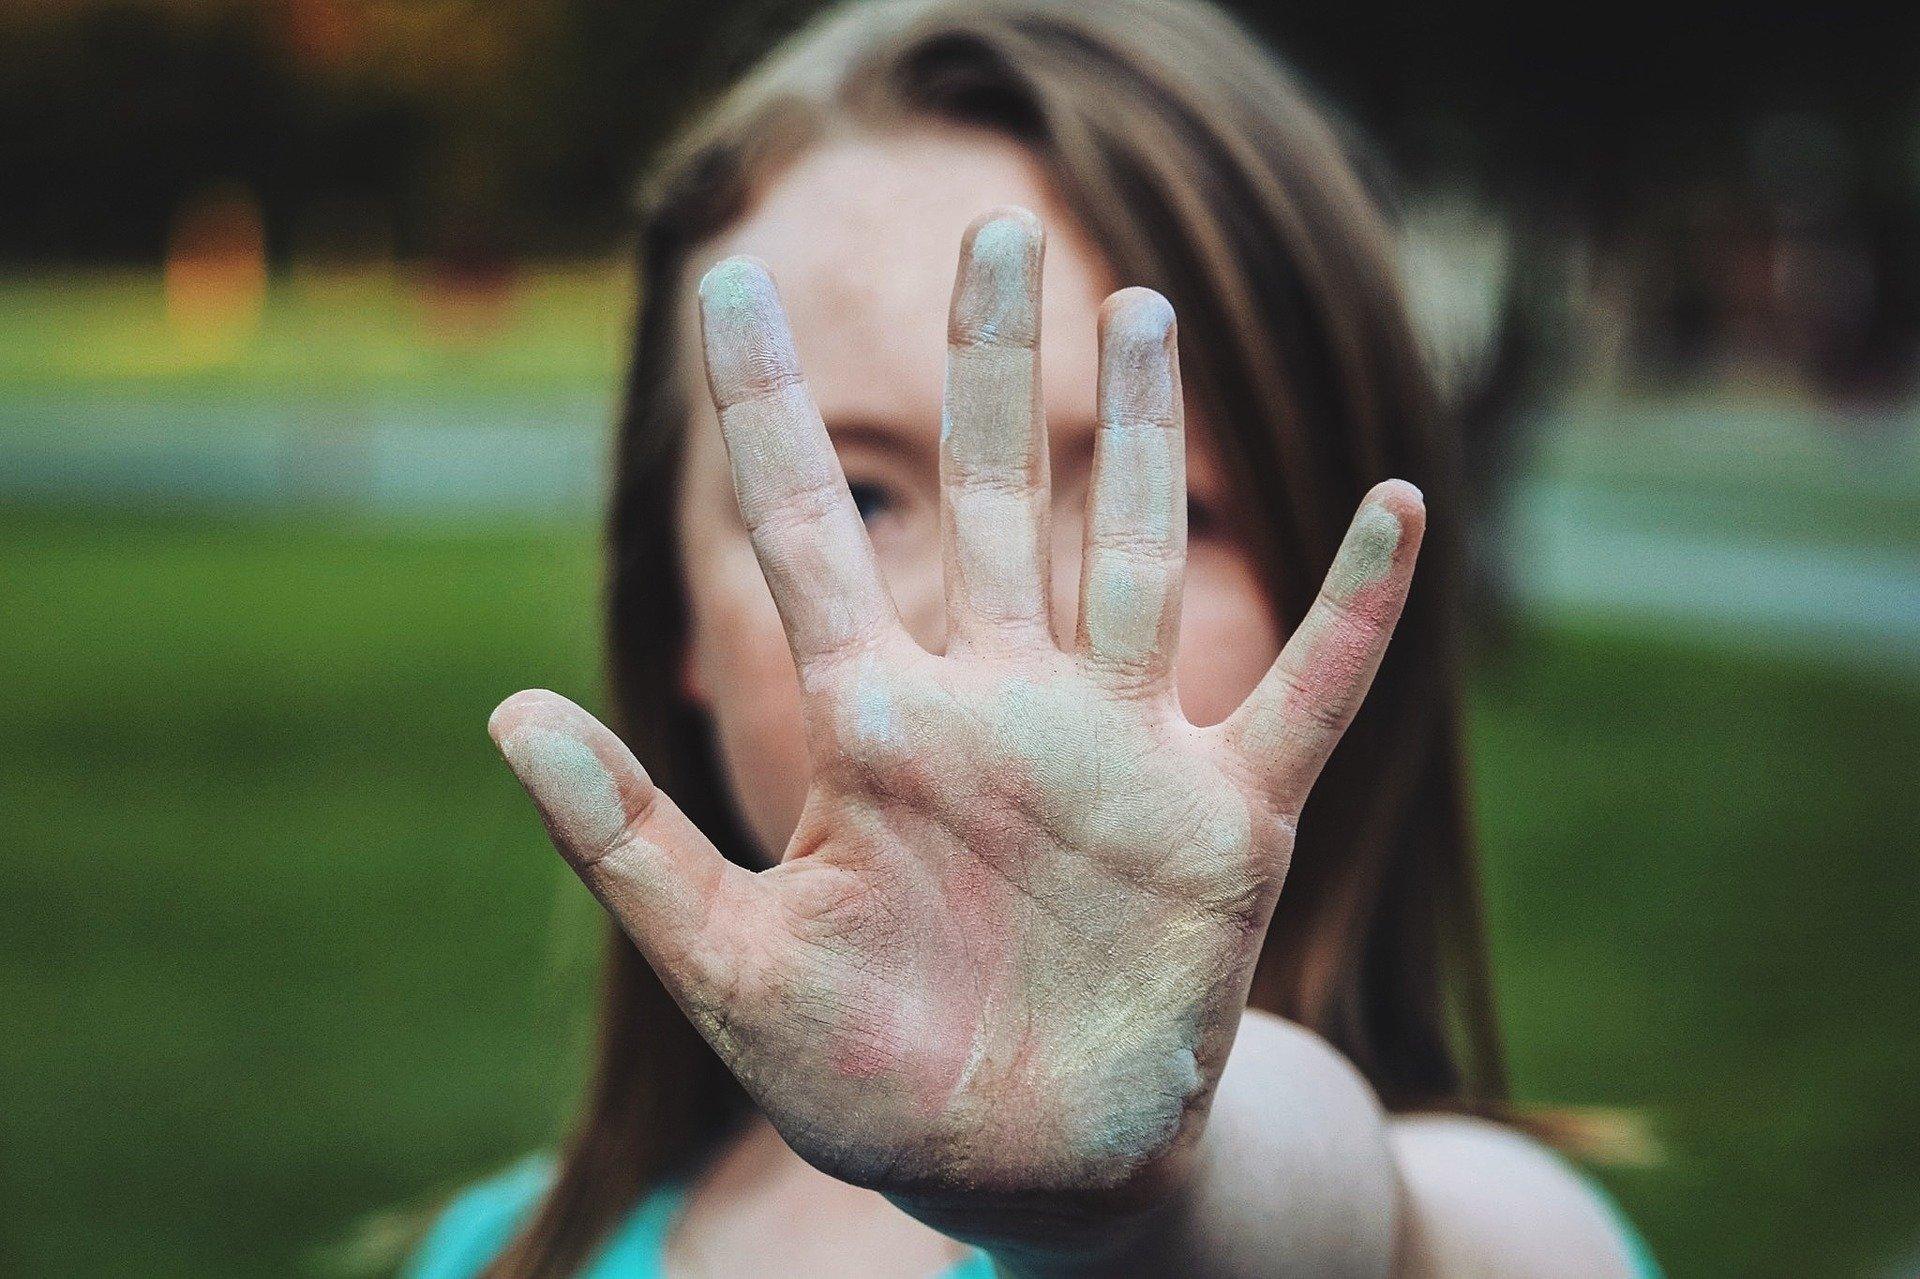 Lutte contre les violences conjugales